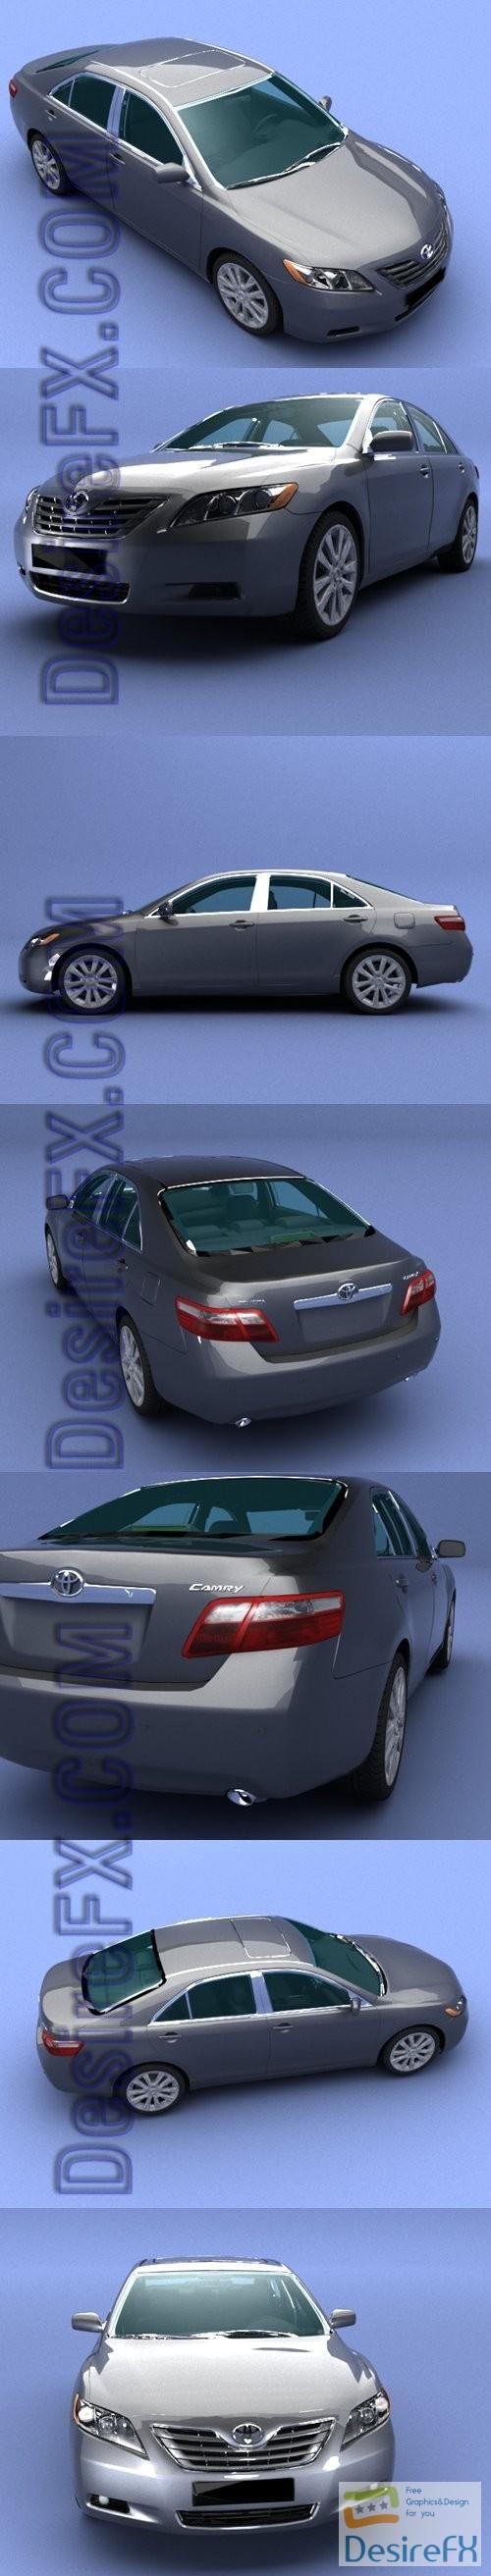 3d-models - Toyota Camry 2010 3D Model